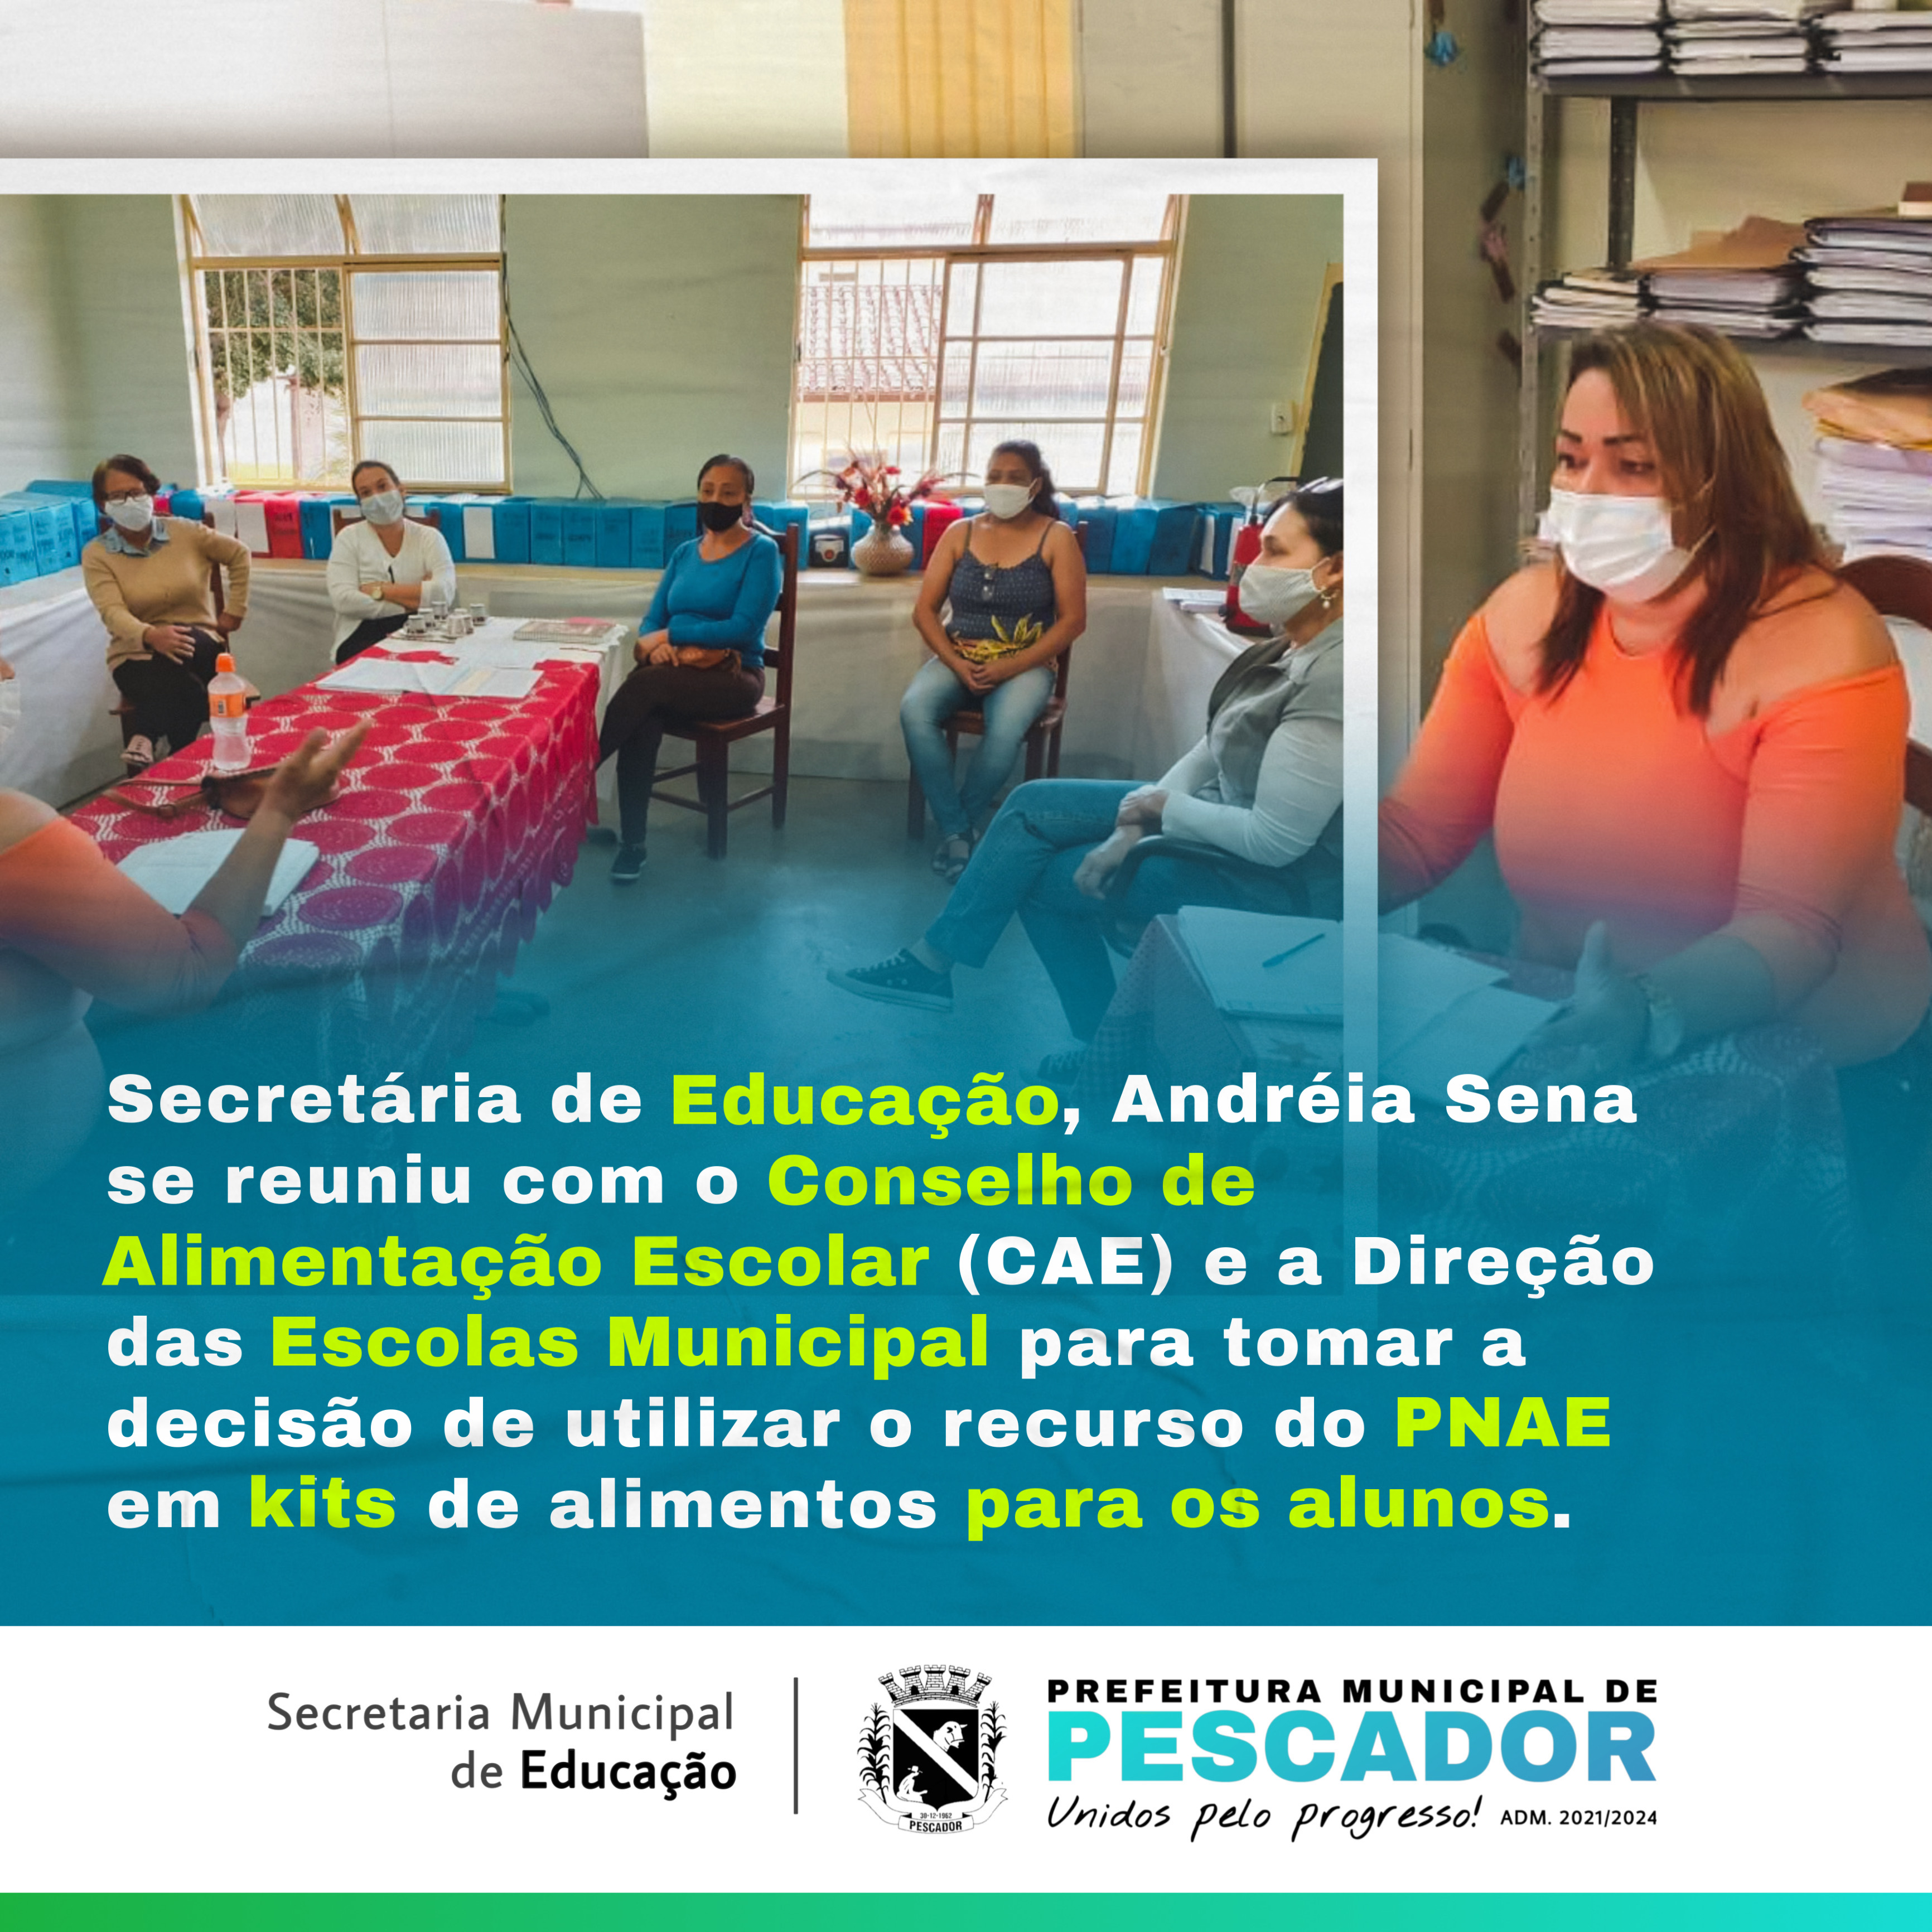 REUNIÃO SOBRE DECISÃO DE UTILIZAR O RECURSO DO PNAE